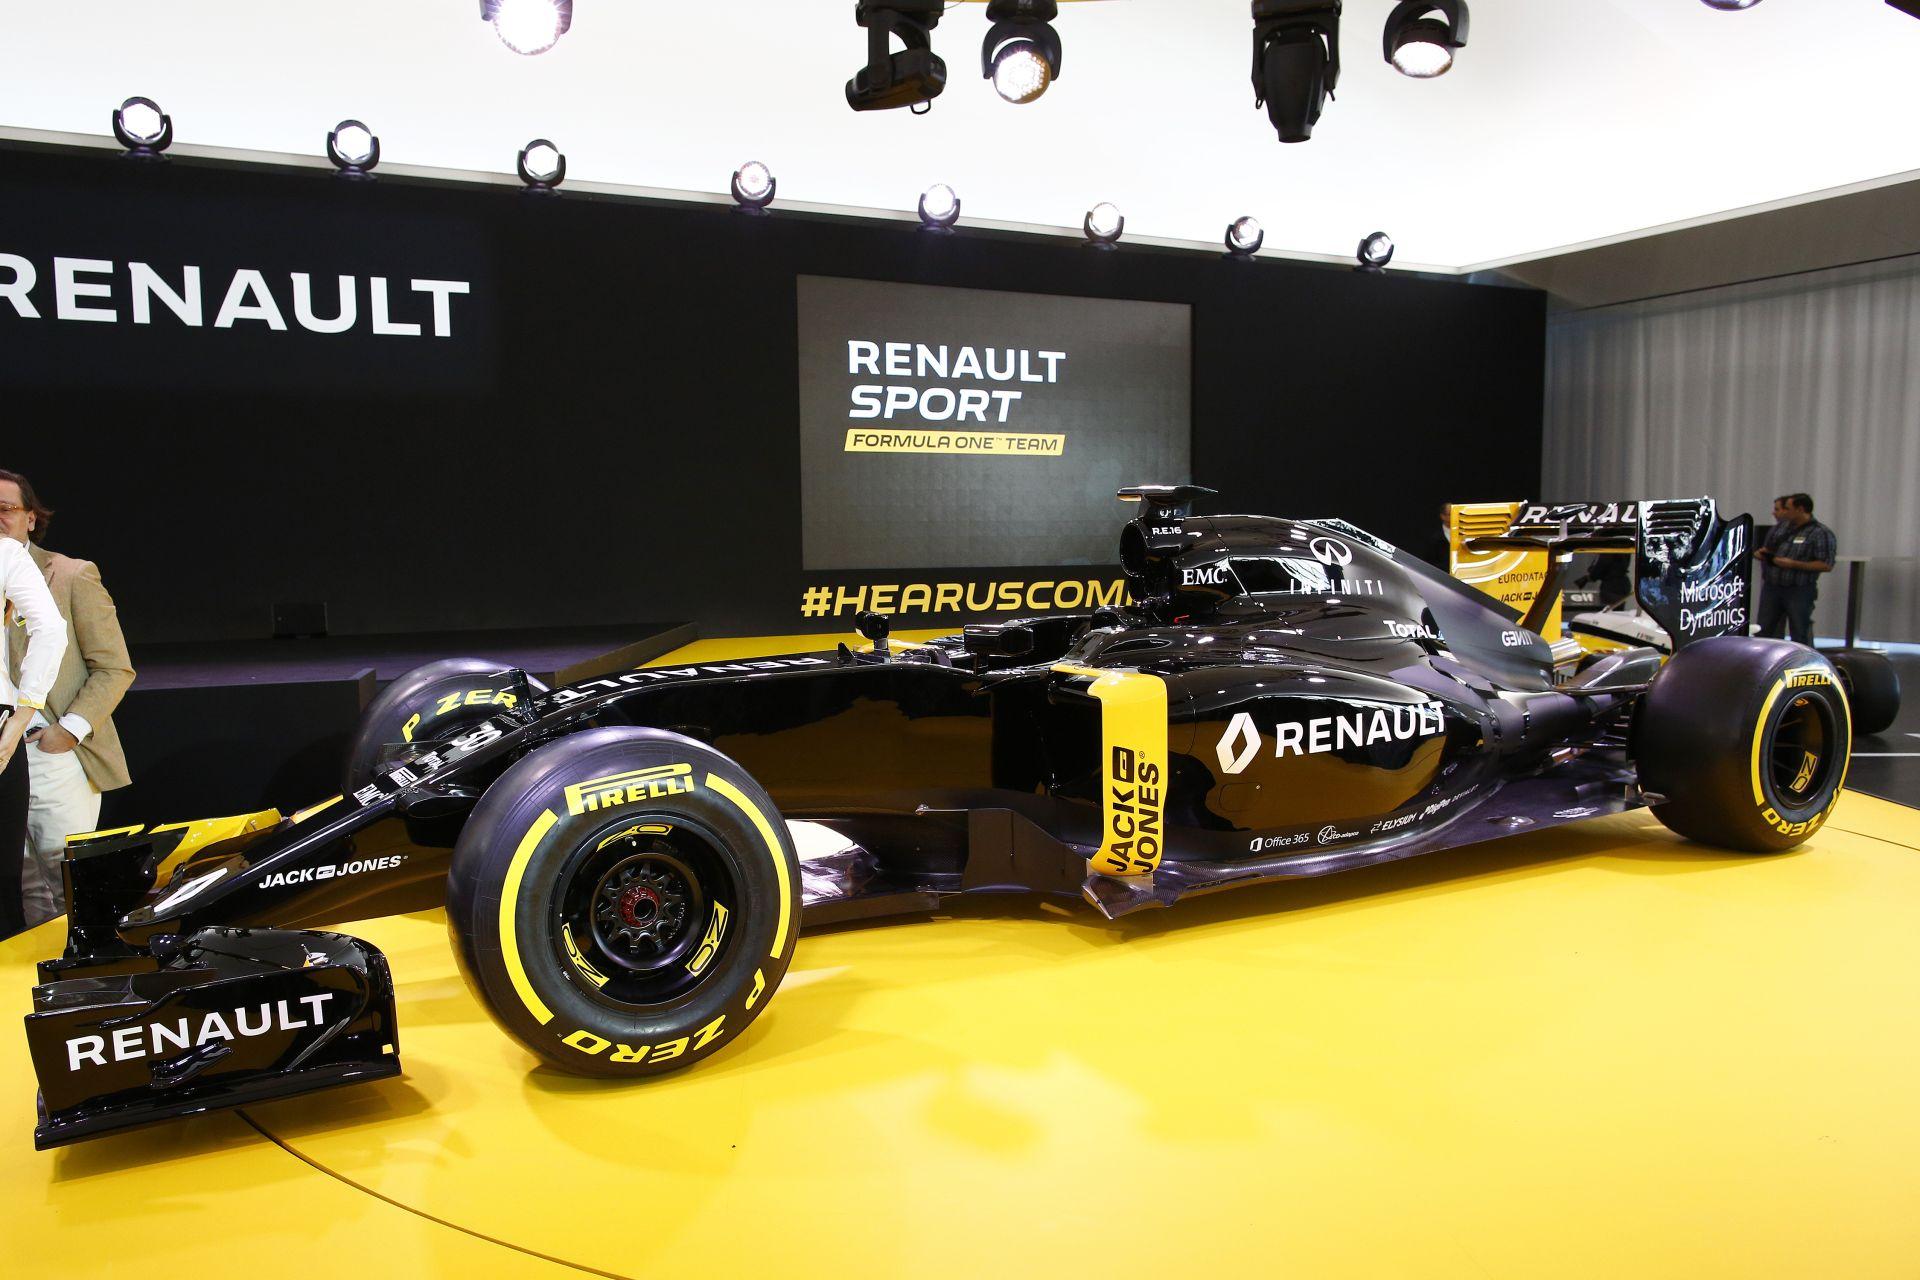 A McLaren-Honda inkább ne hallja meg, mit mond a Renault technikai vezetője